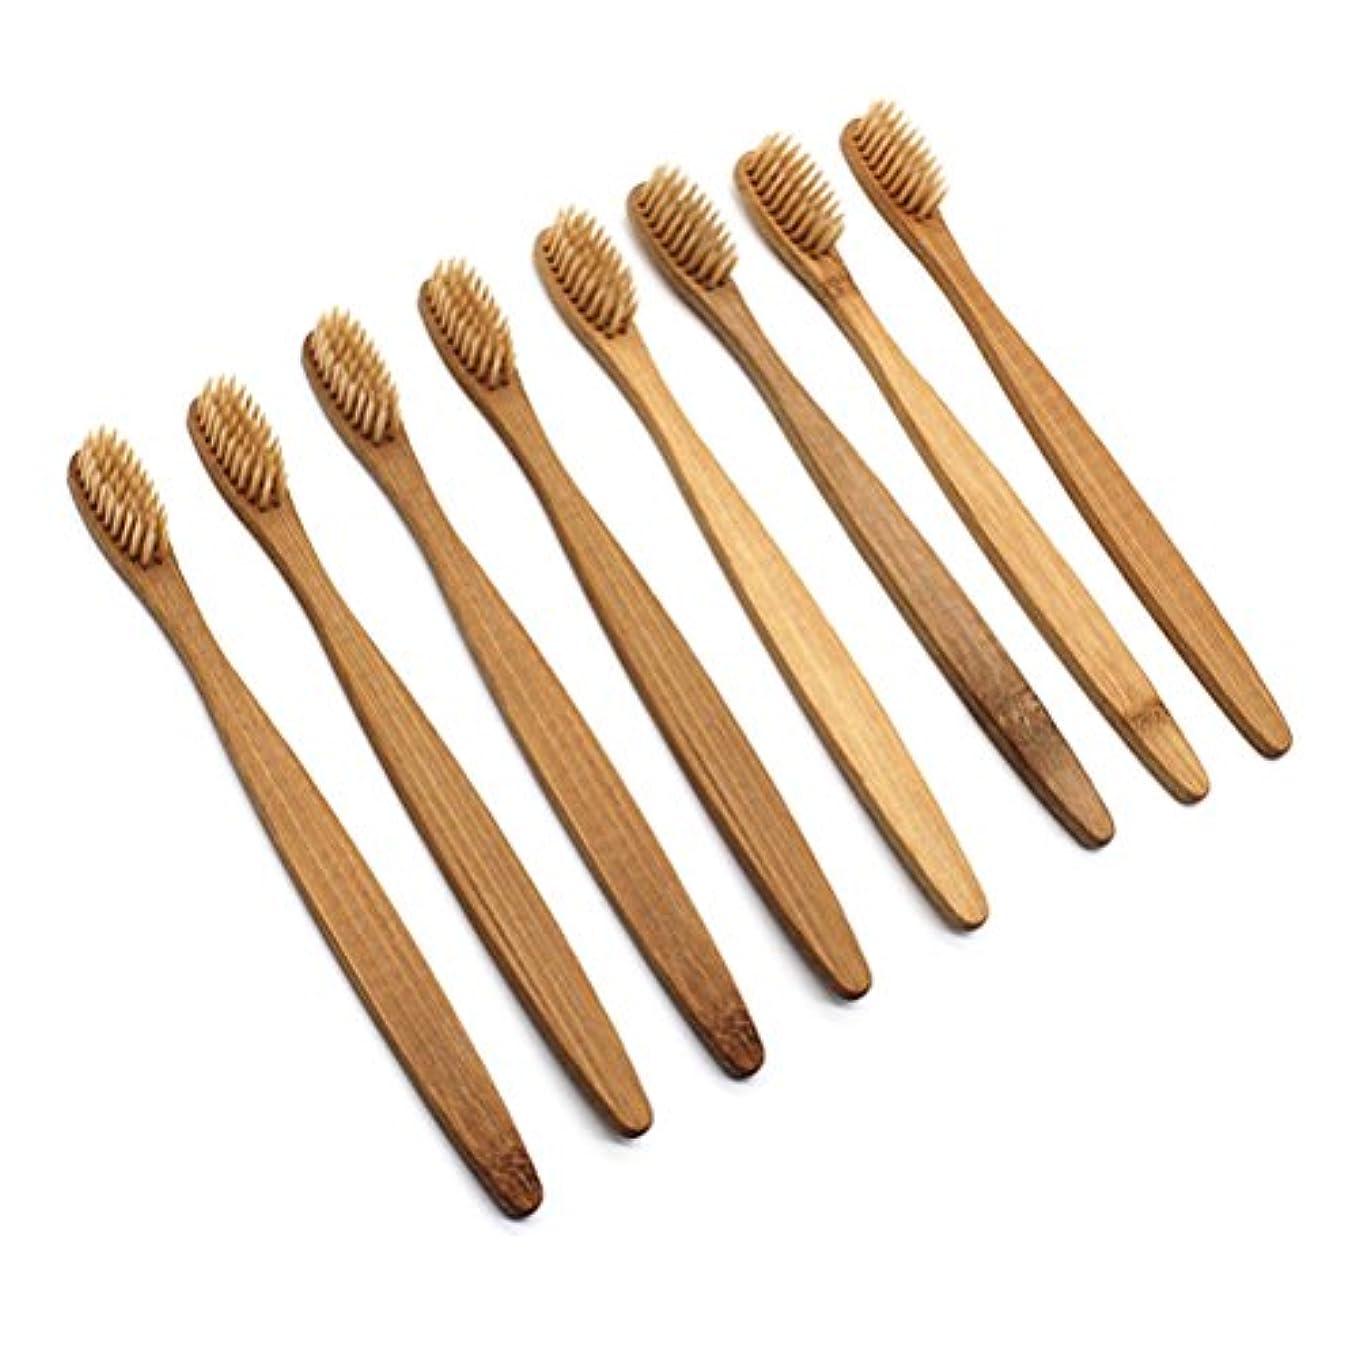 明らかに尋ねる光のHealifty 柔らかい剛毛が付いているタケ歯ブラシの自然な木のECOの友好的な歯ブラシ歯ブラシ16pcs